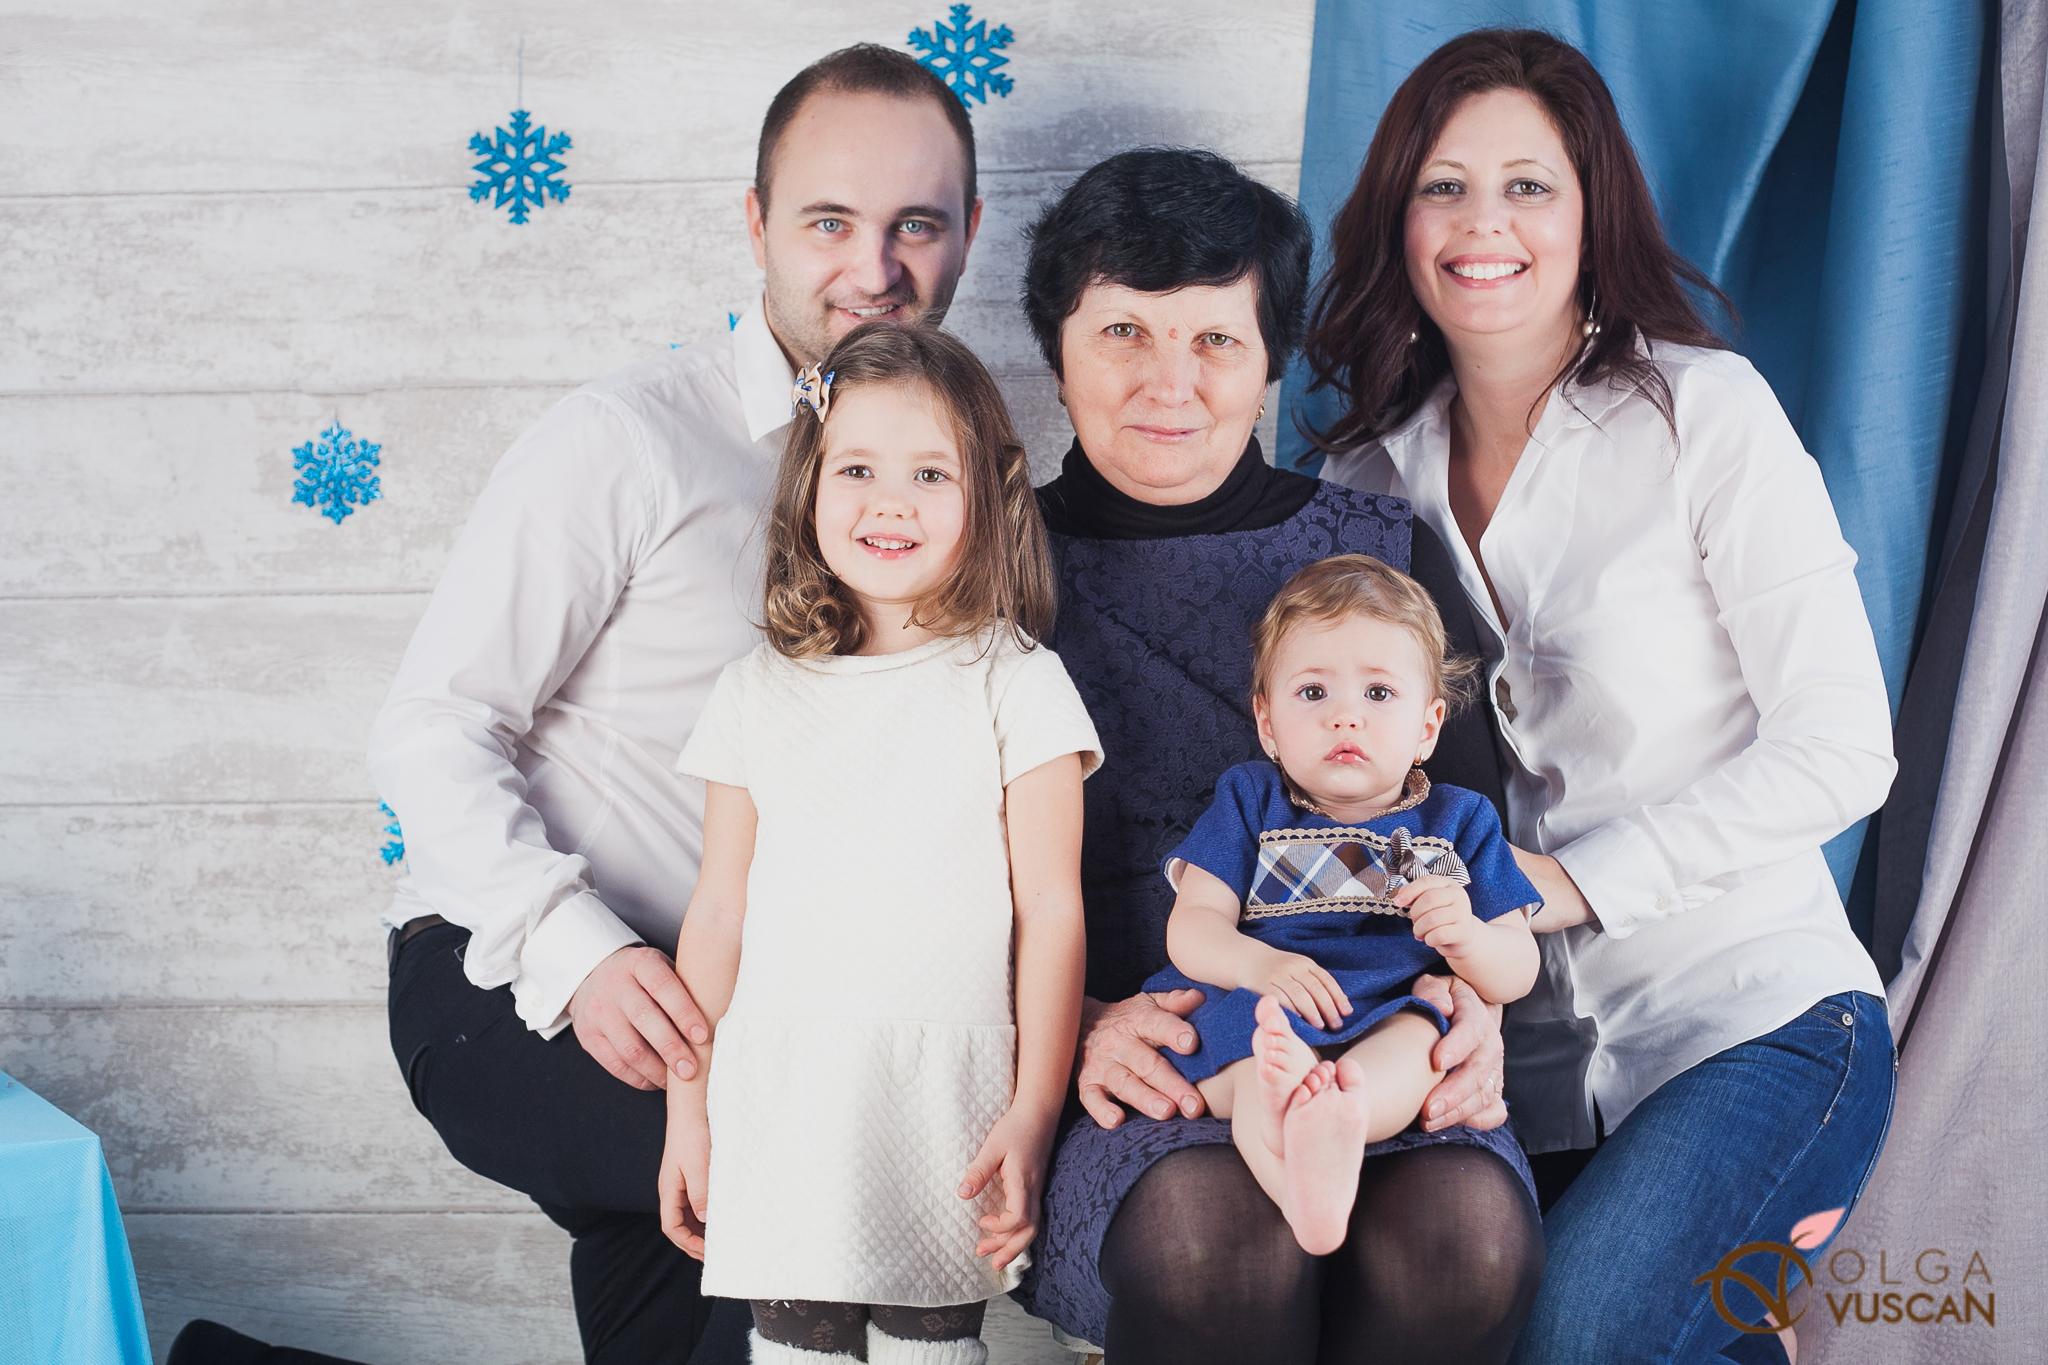 minisesiuni Craciun 2013 de Olga Vuscan